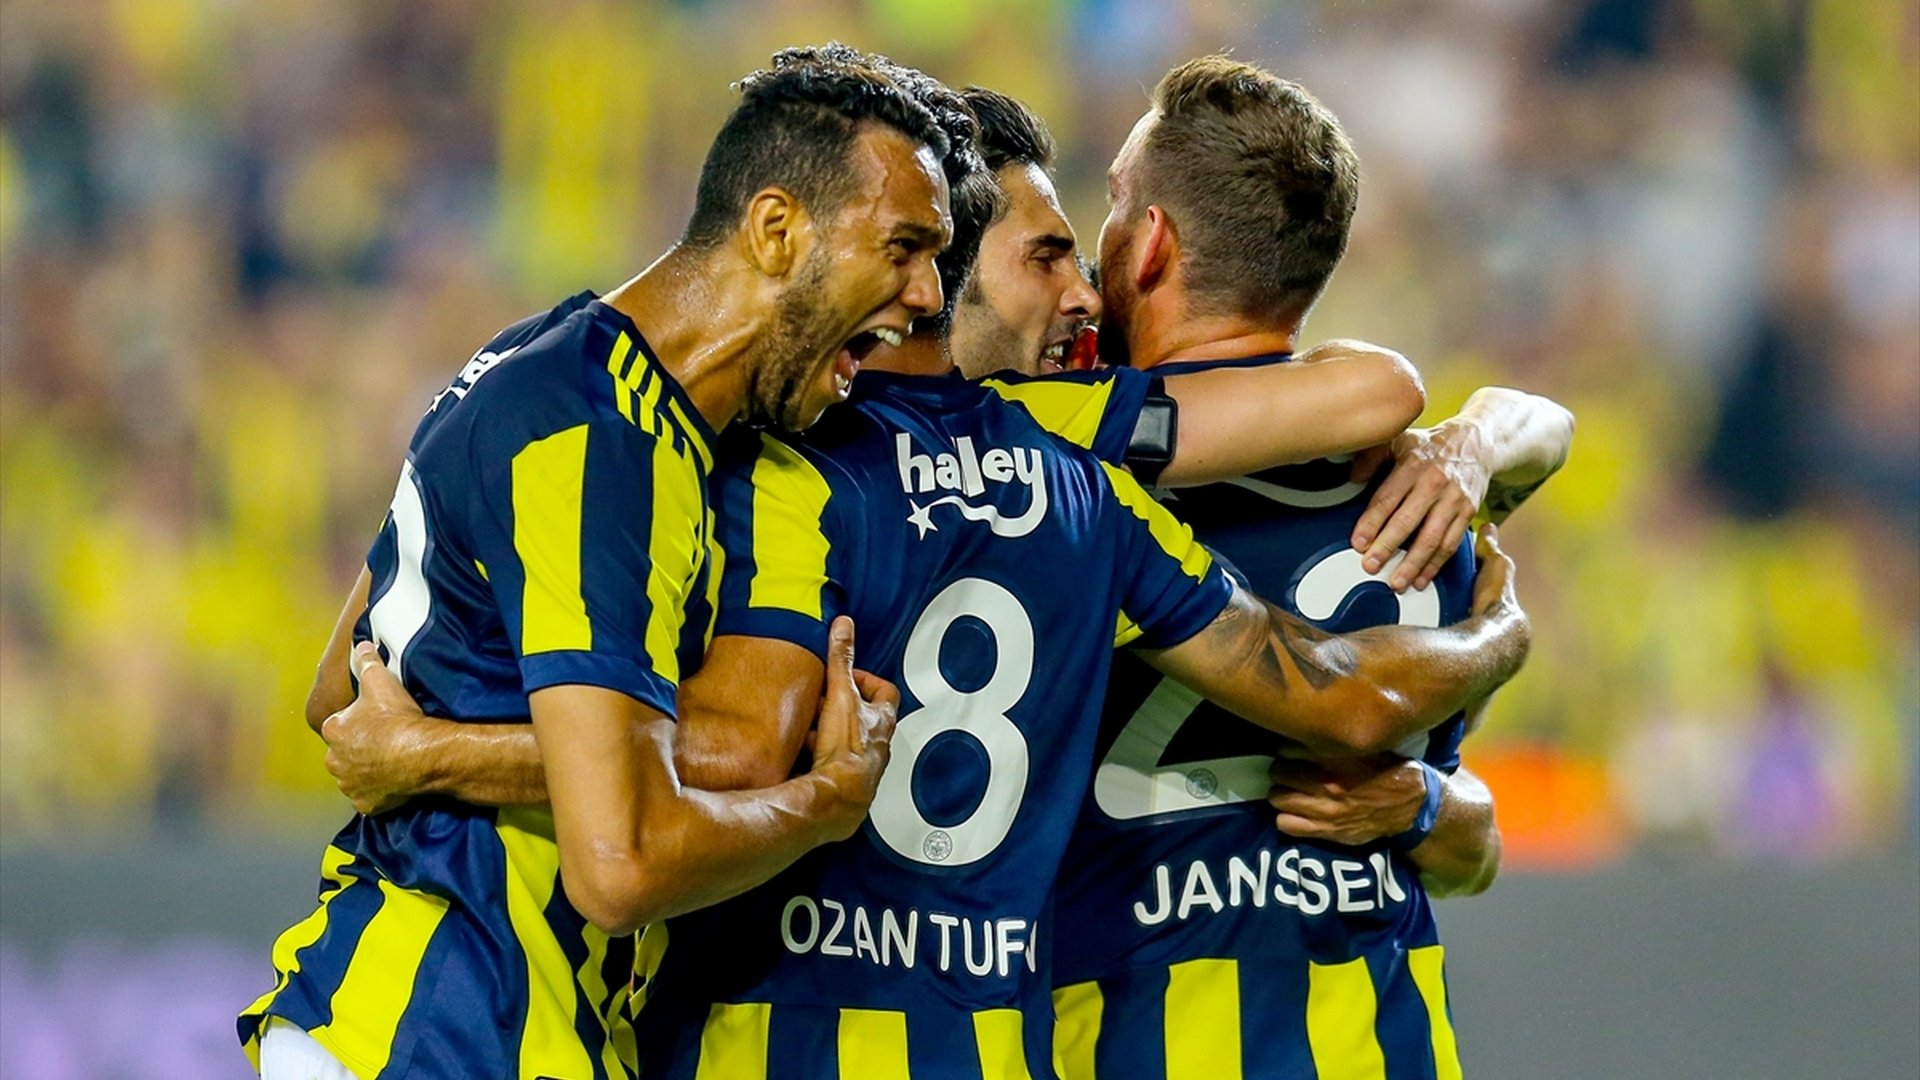 Flaş! Fenerbahçe'ye transferde piyango, resmi teklif yapıldı